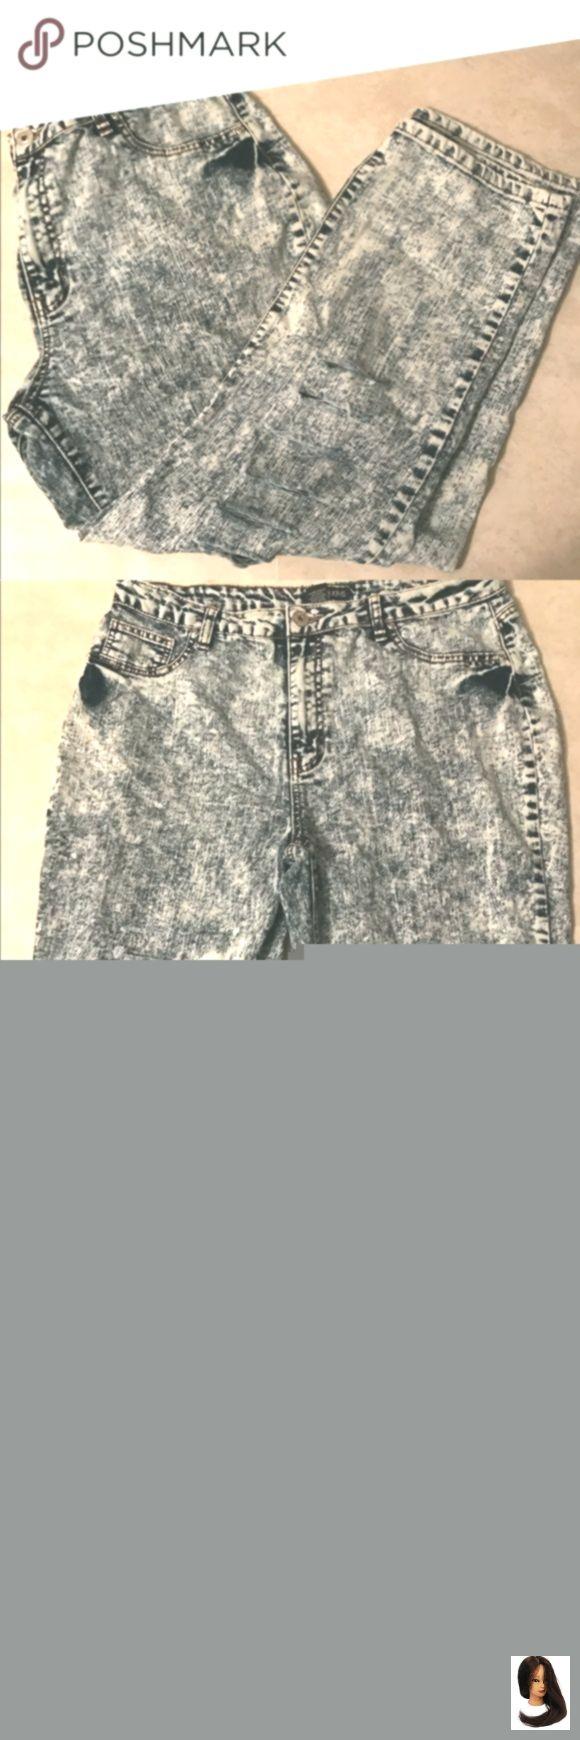 #Acid #Baddie #distressed #High #High Waist Jeans baddie #Jeans 2